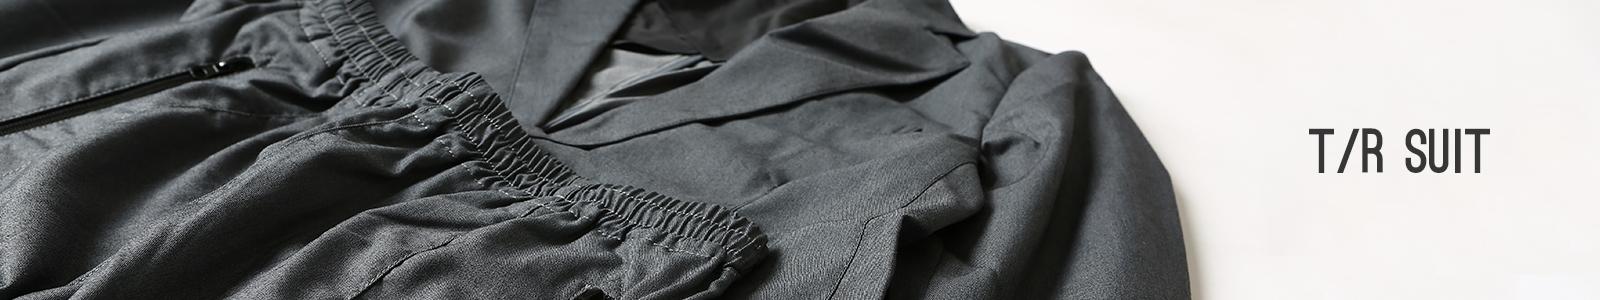 セットアップ-TRスーツ